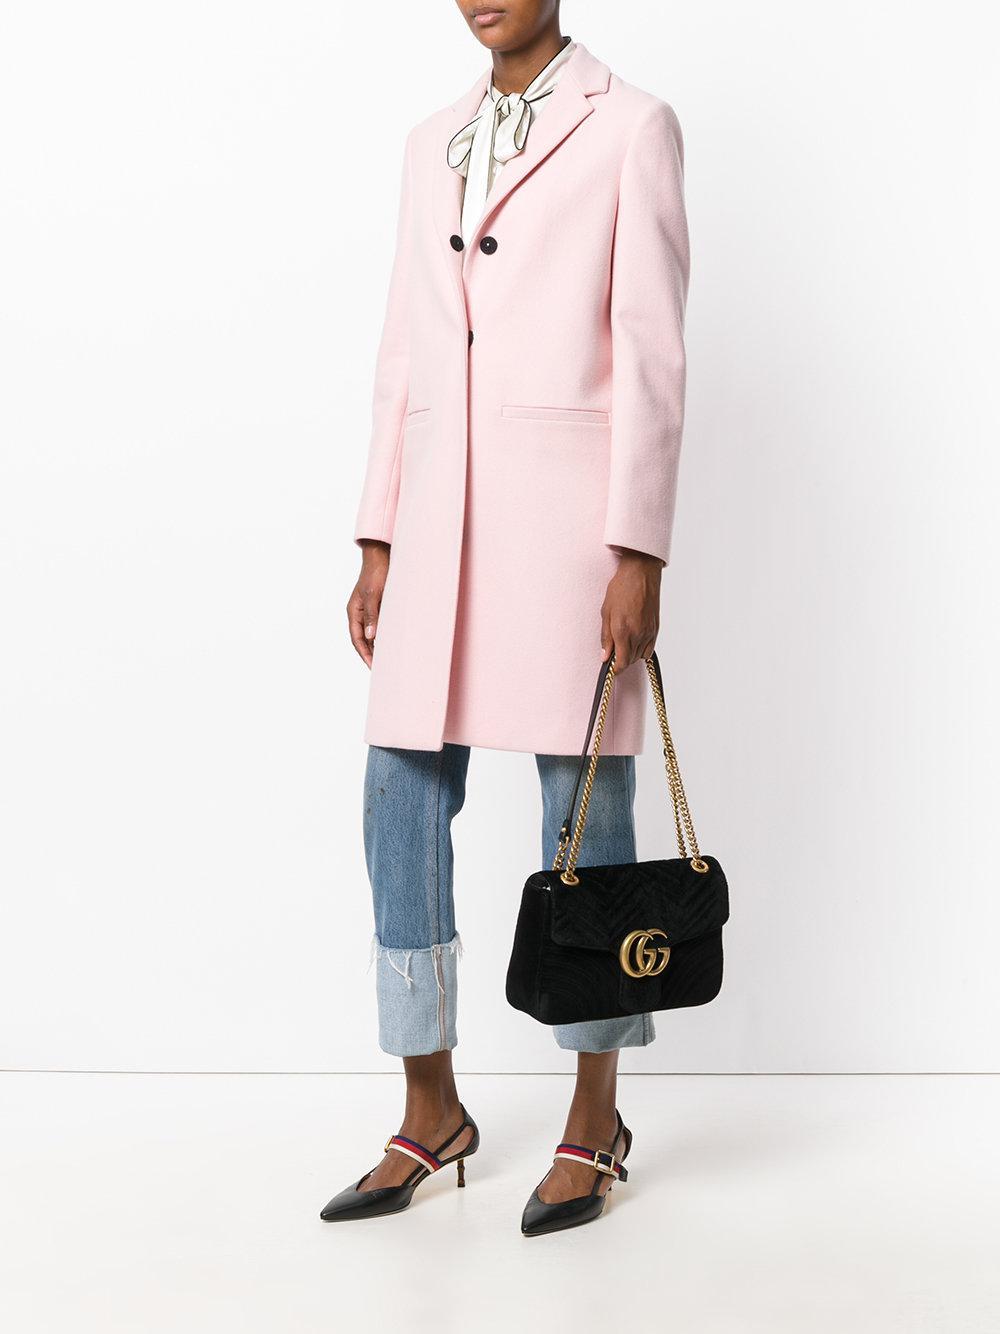 34763e1a5 Gucci Marmont 2.0 Velvet Shoulder Bag in Black - Save 18% - Lyst